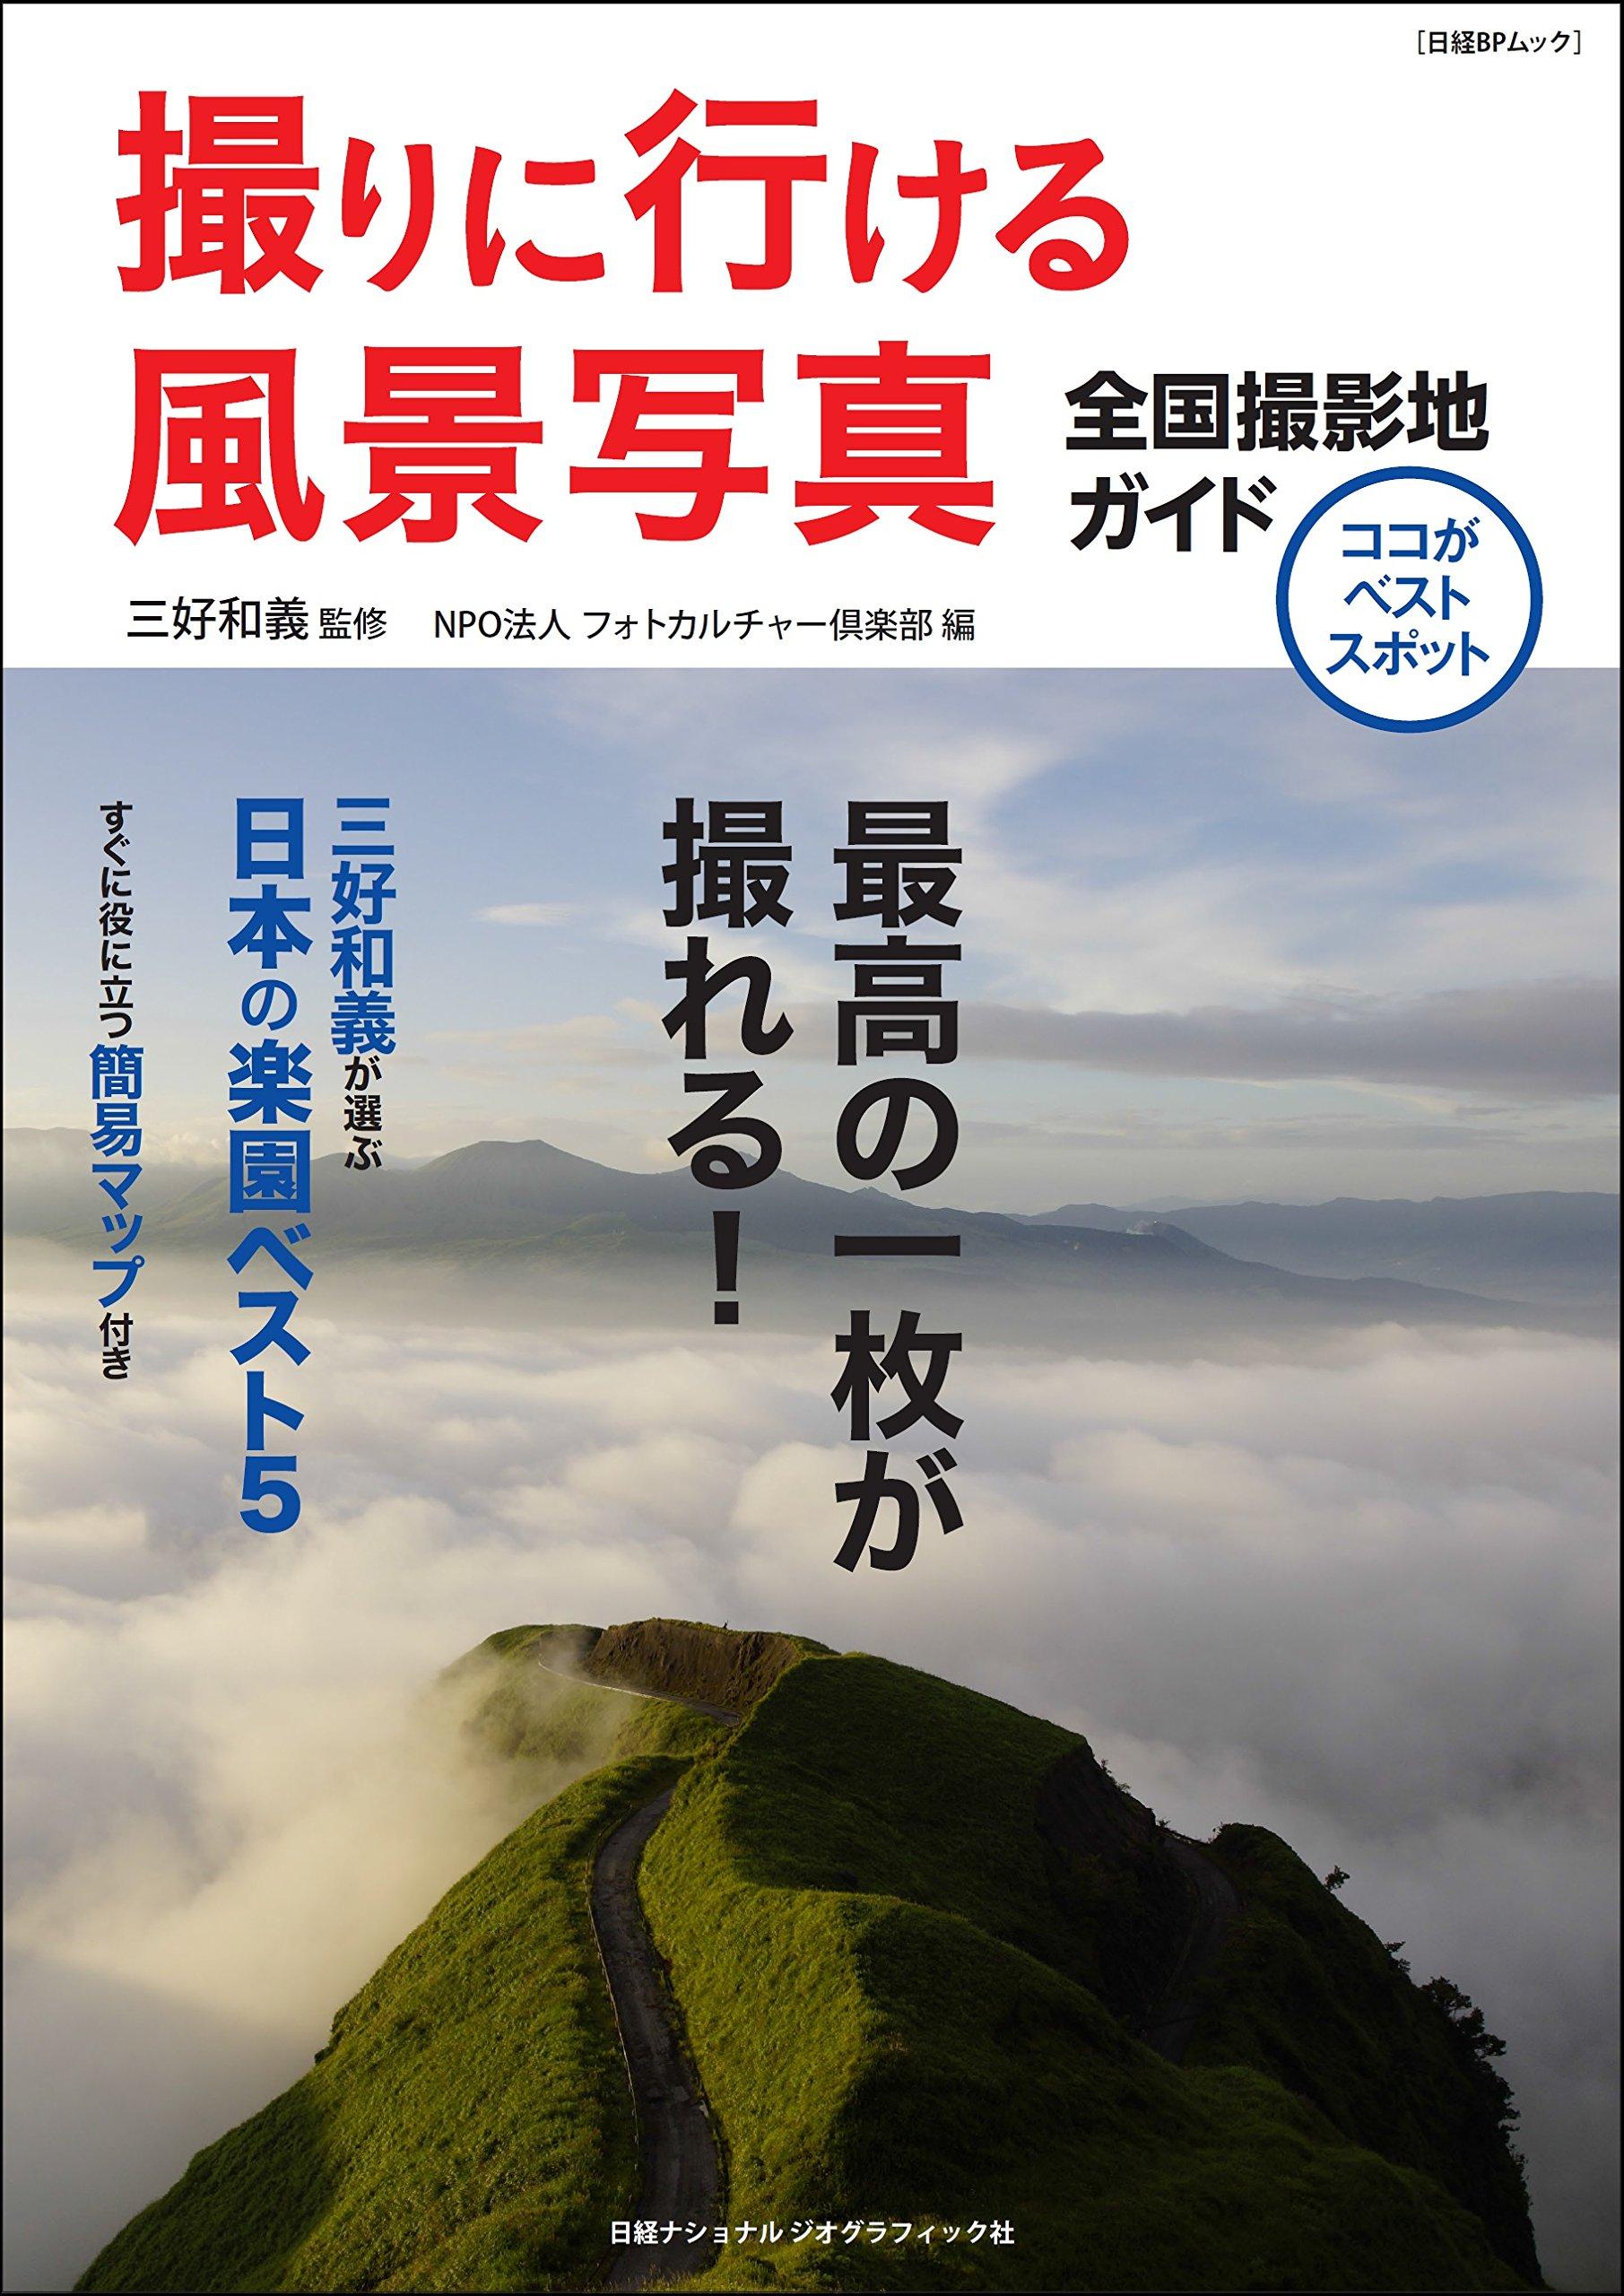 ベスト 5 日本 の 山 高い 北海道の高い山 標高ベスト−都道府県